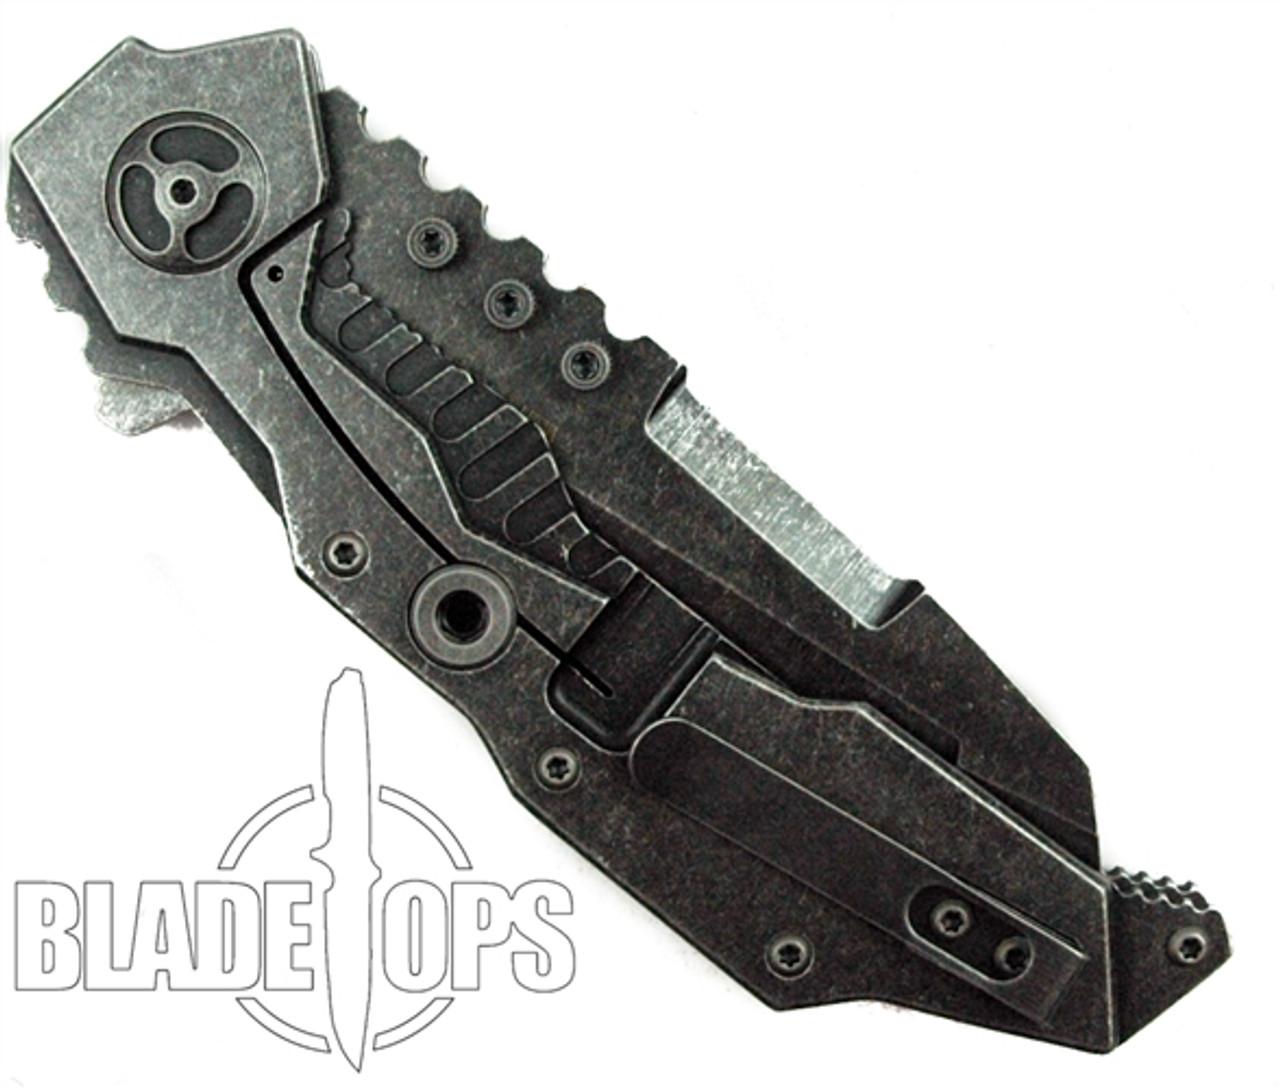 Quartermaster Knives Hannibal QTR4-FLT FrameLock Knife, Limo Tint